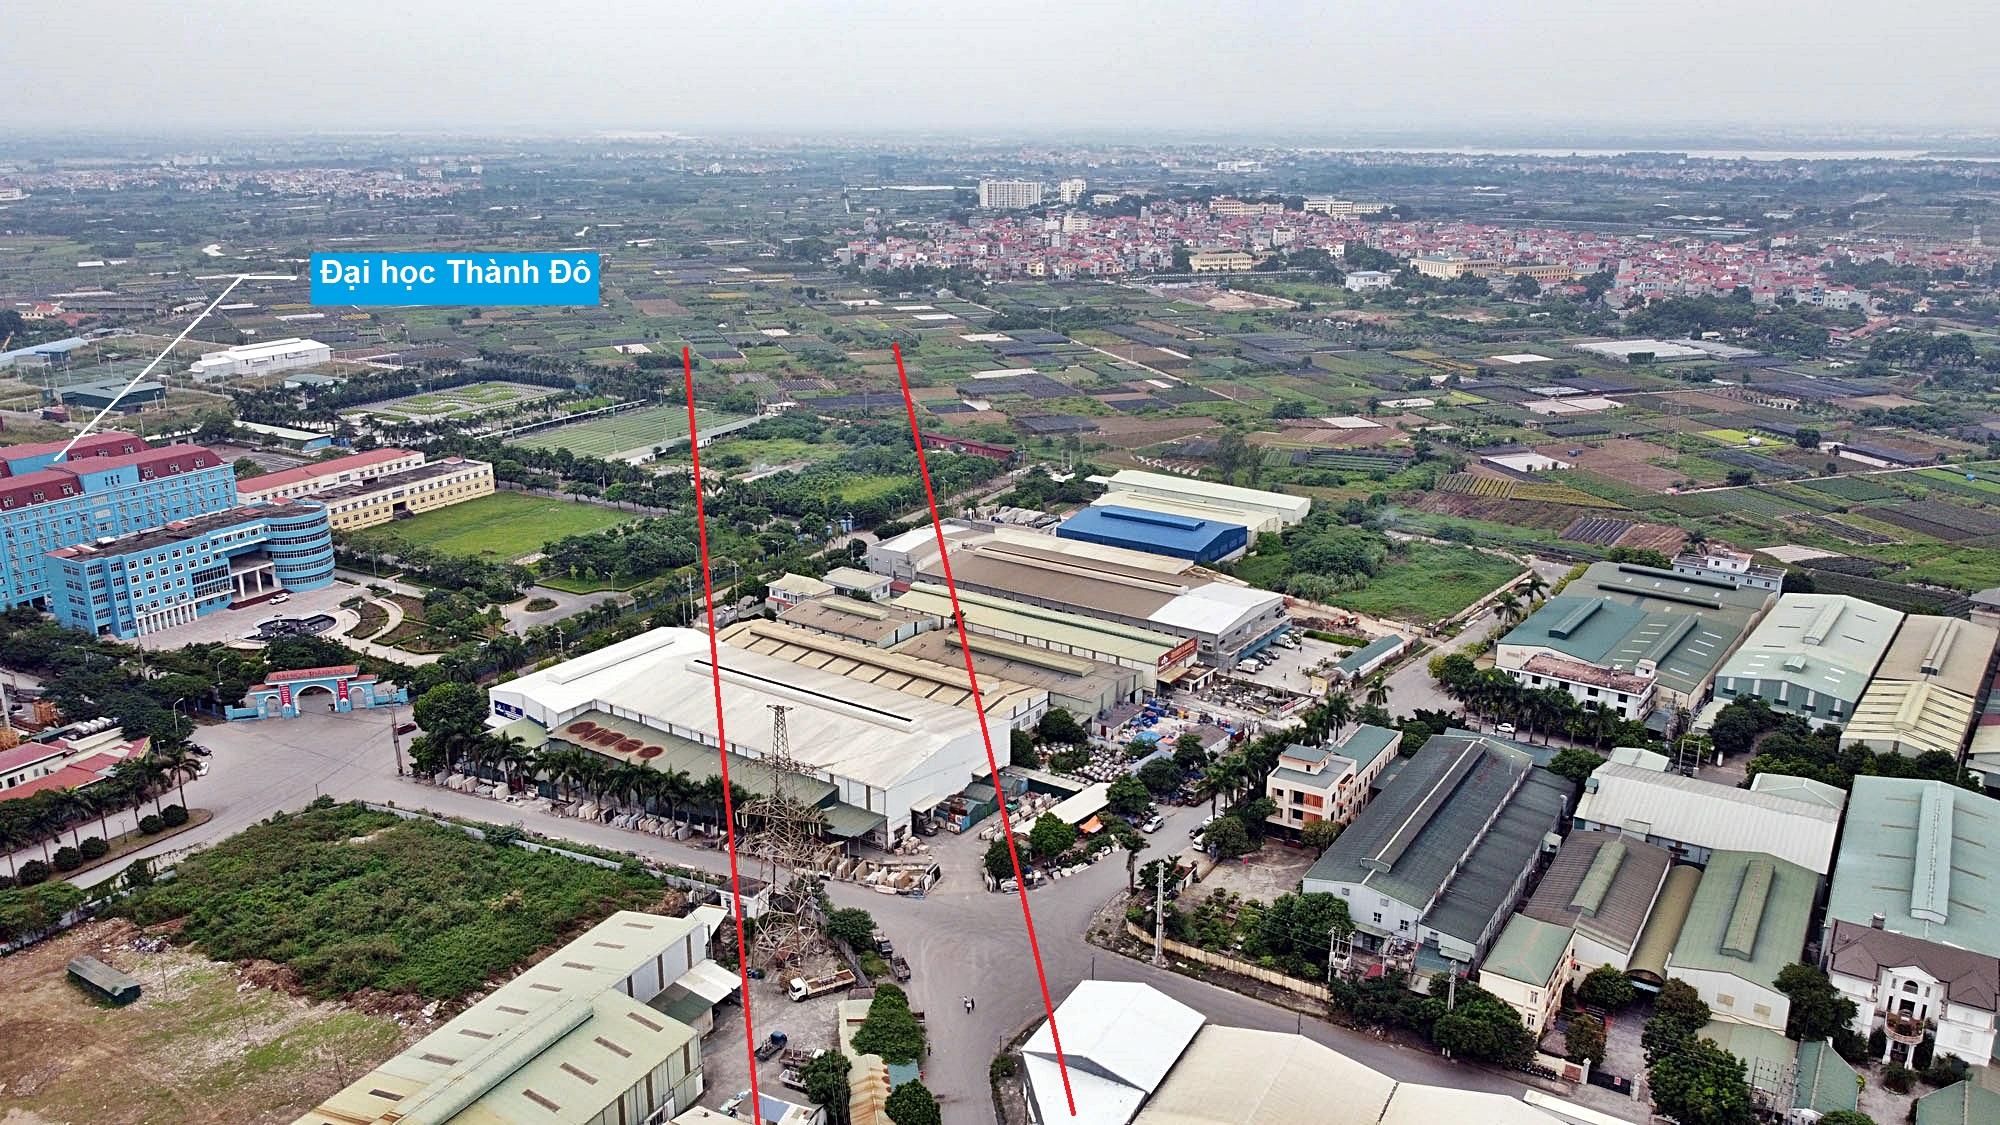 Toàn cảnh đường Vành đai 3,5 đang thi công qua huyện Hoài Đức, Hà Nội - Ảnh 14.